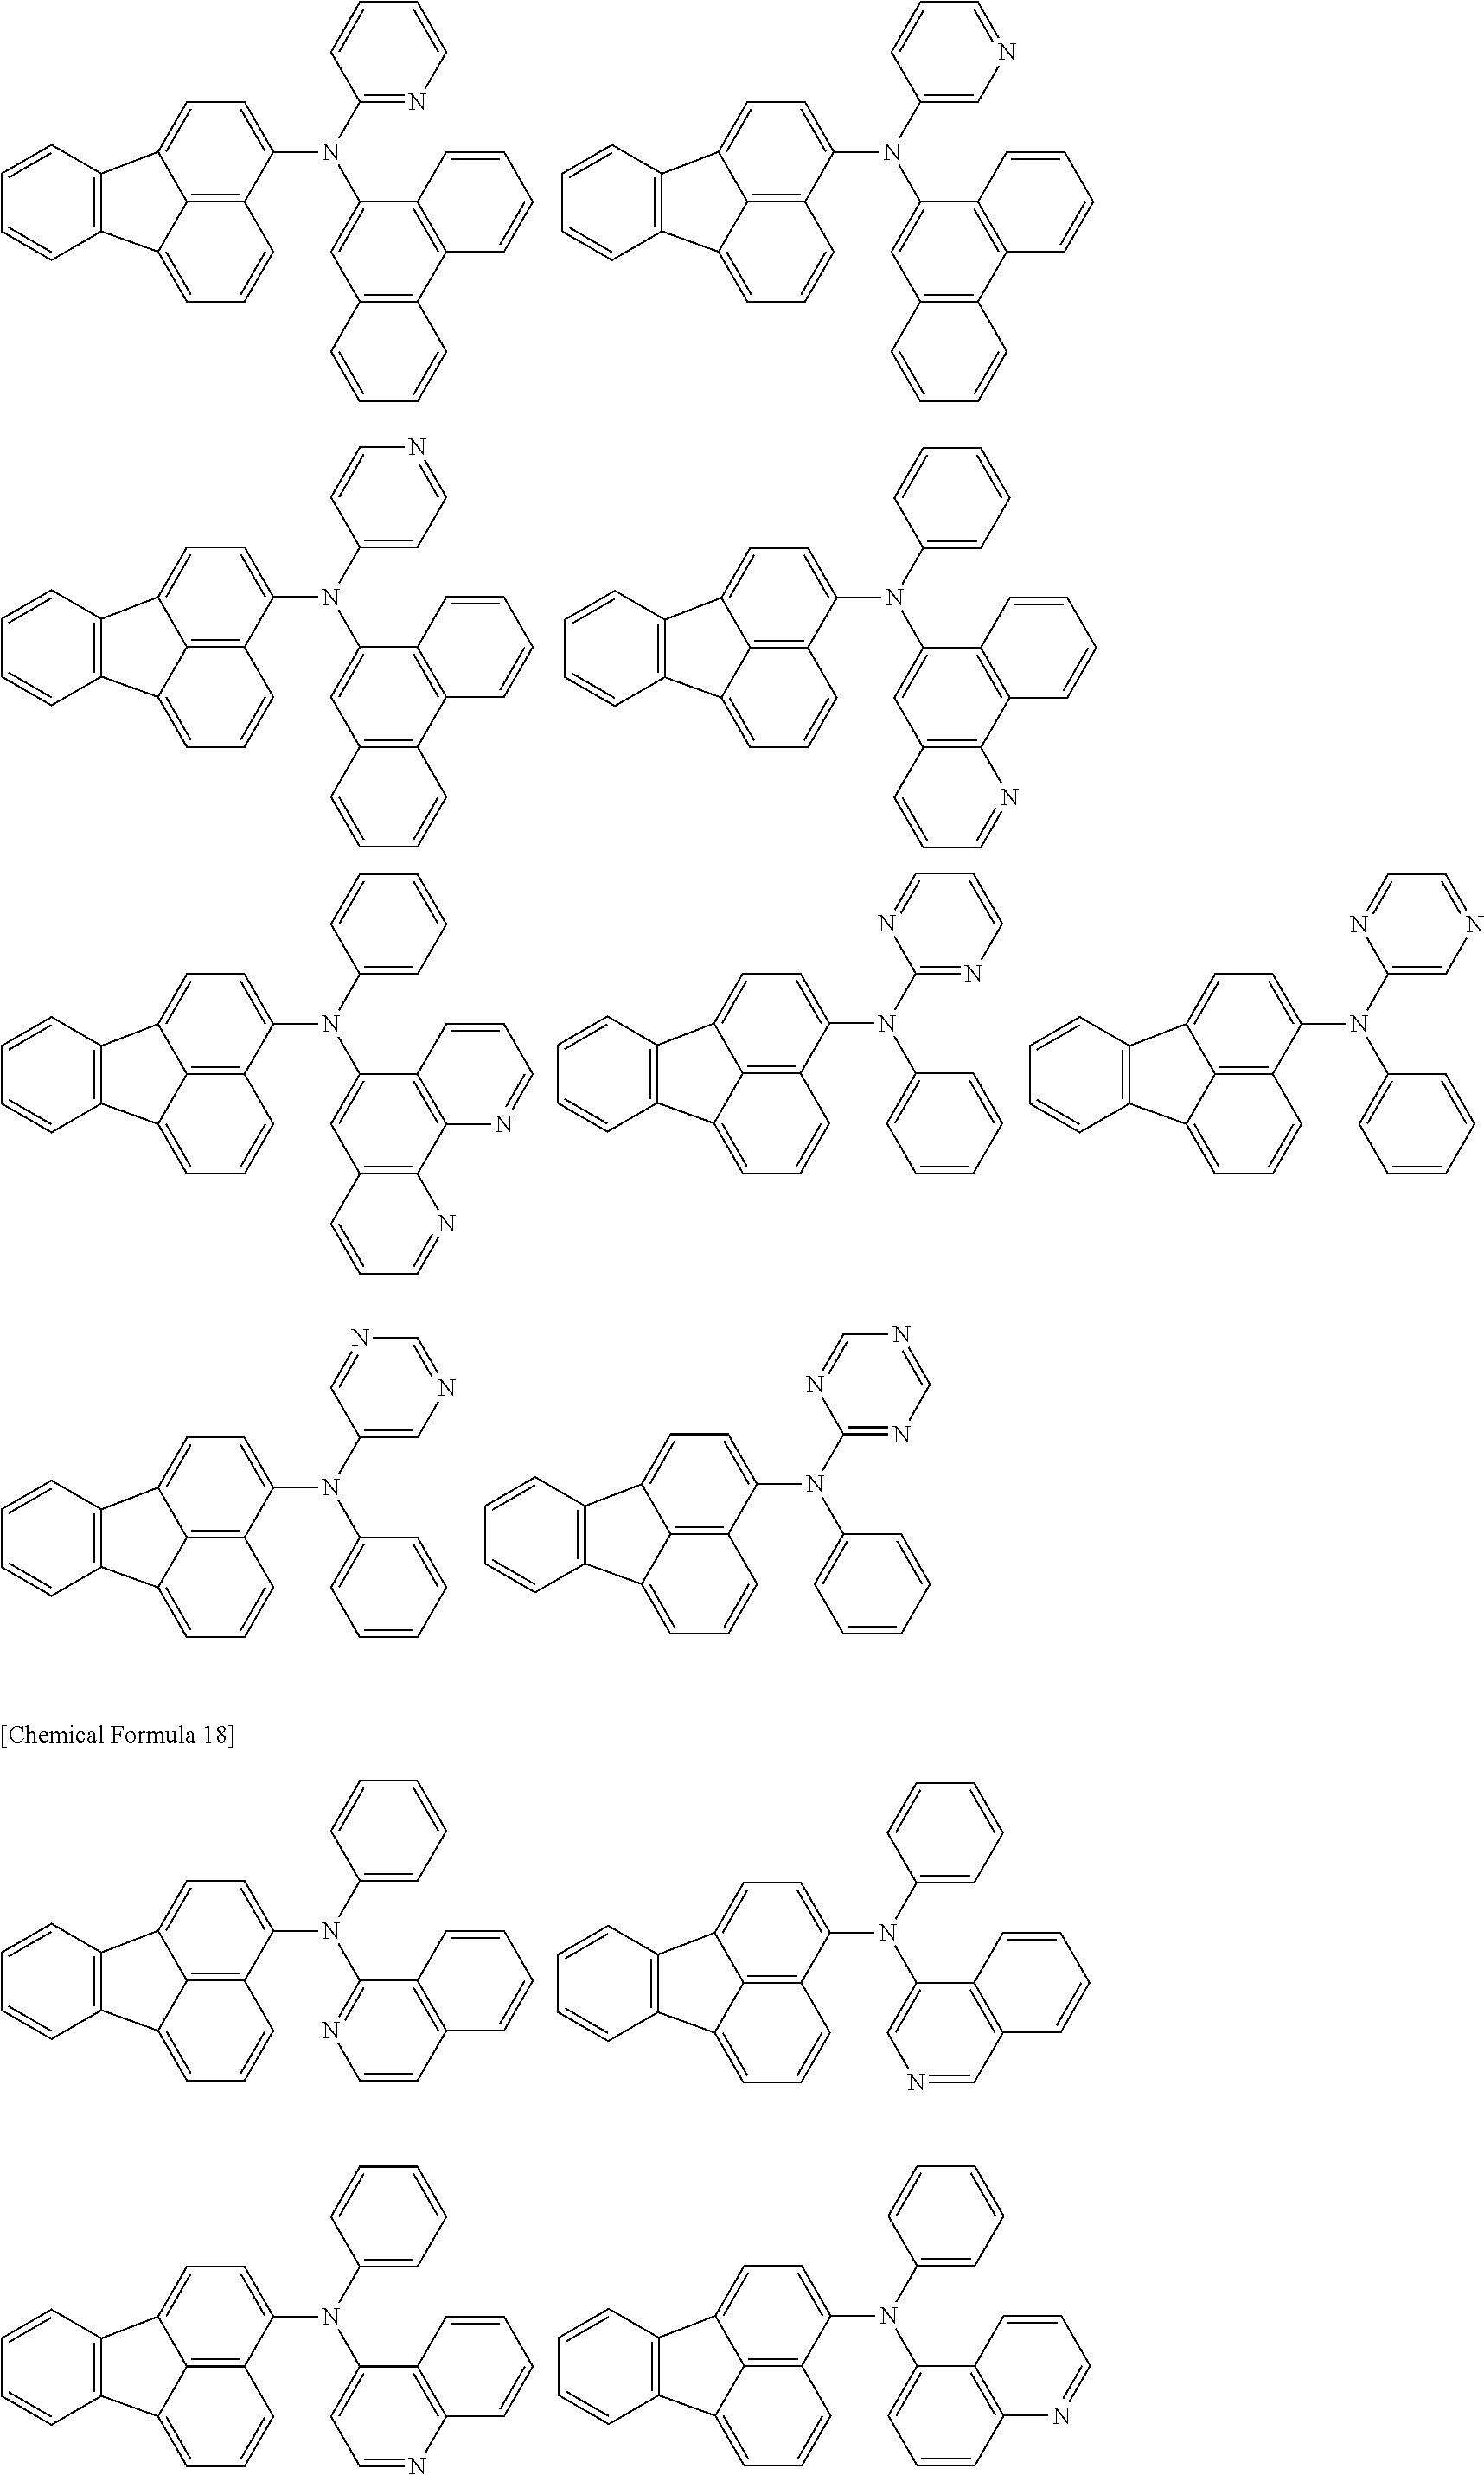 Figure US20150280139A1-20151001-C00040